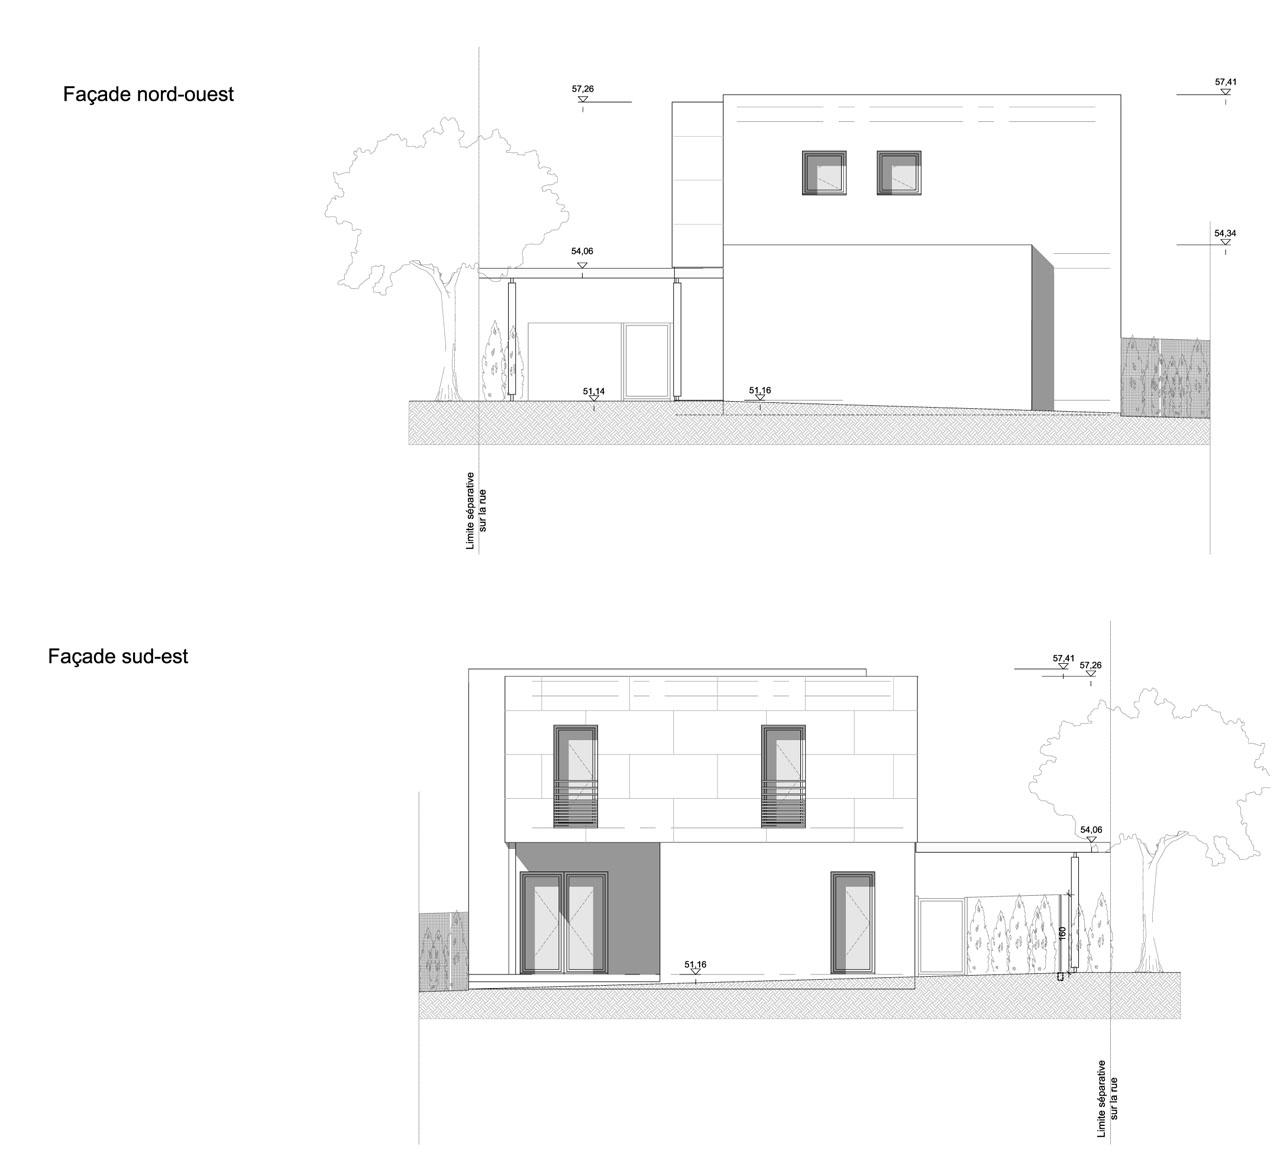 Maison bbc nord plan rdc maison maison de plainpied bbc for Maison bbc plan